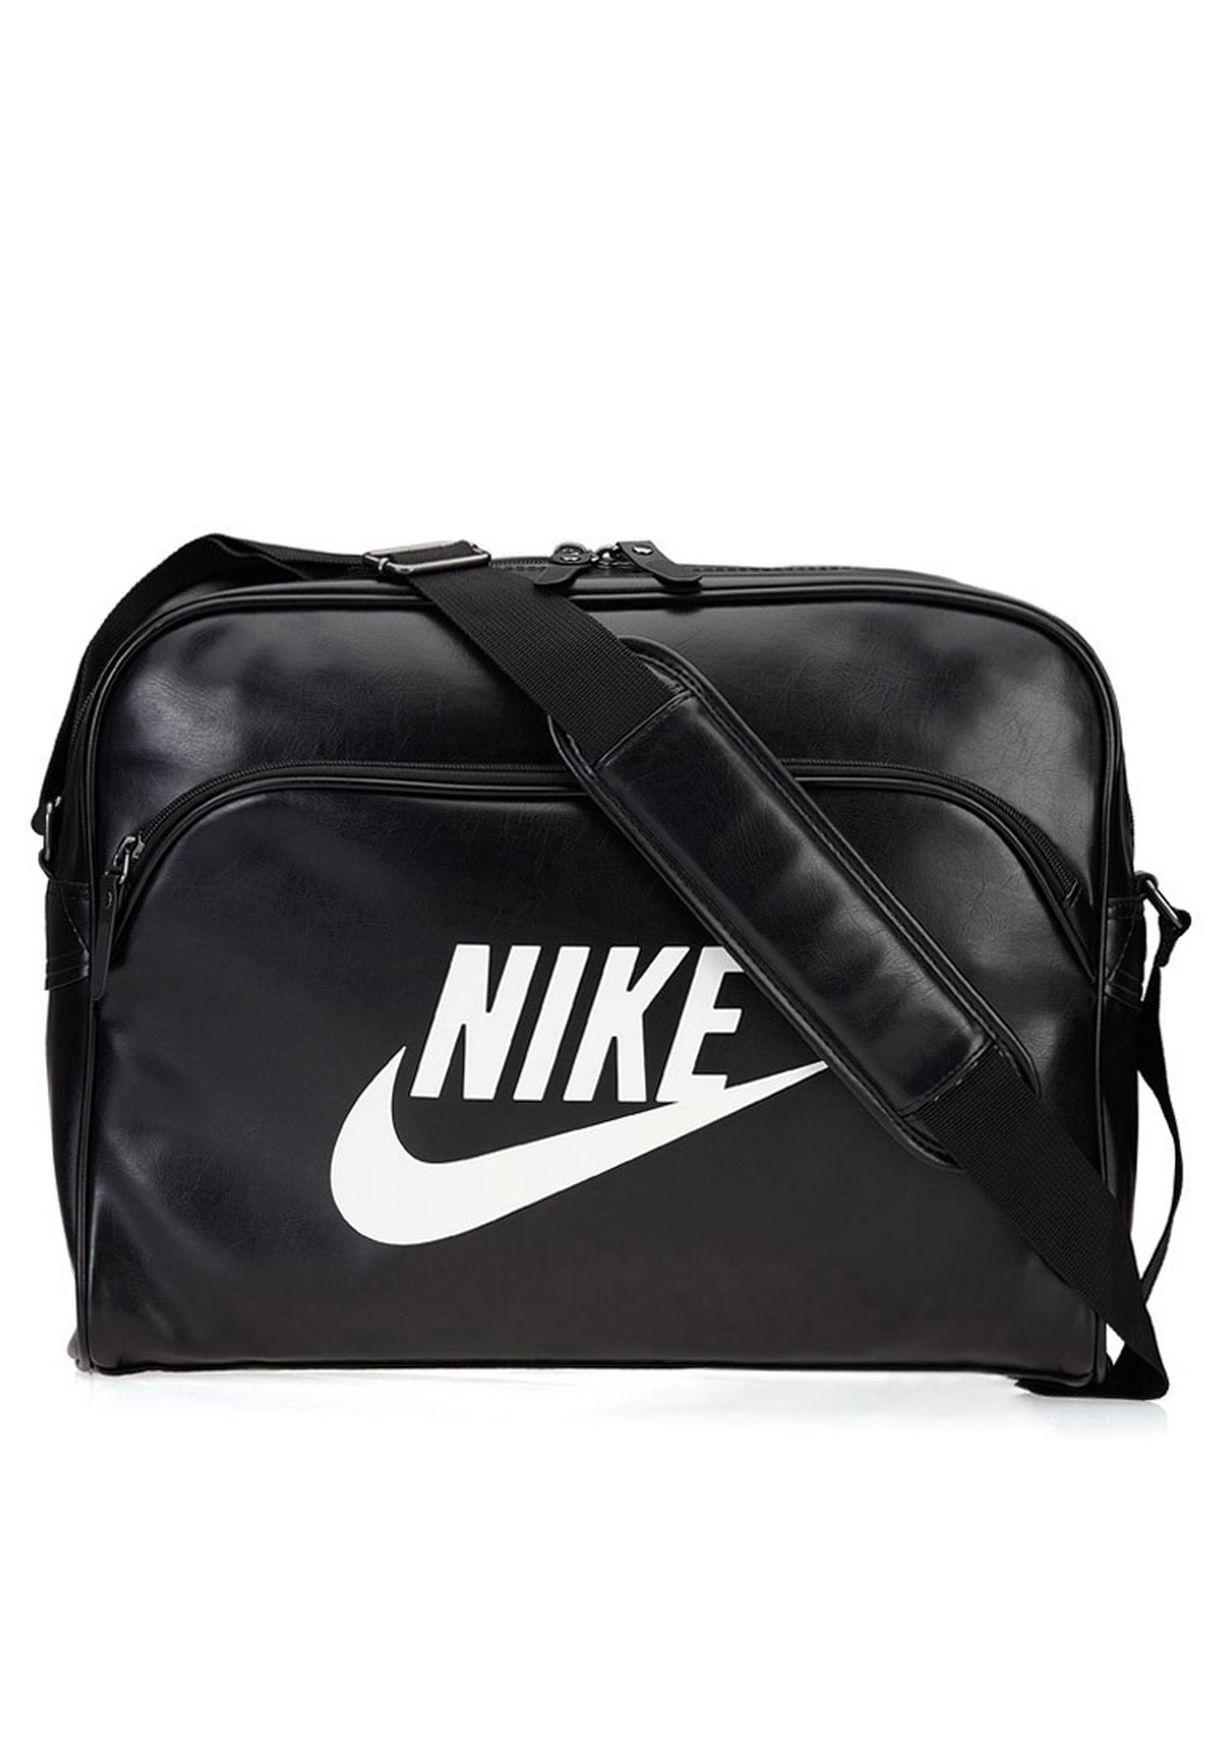 Shop Nike black Heritage Messenger Bag NEQP-BA4271-019 for Men in ... 9e5490340e759